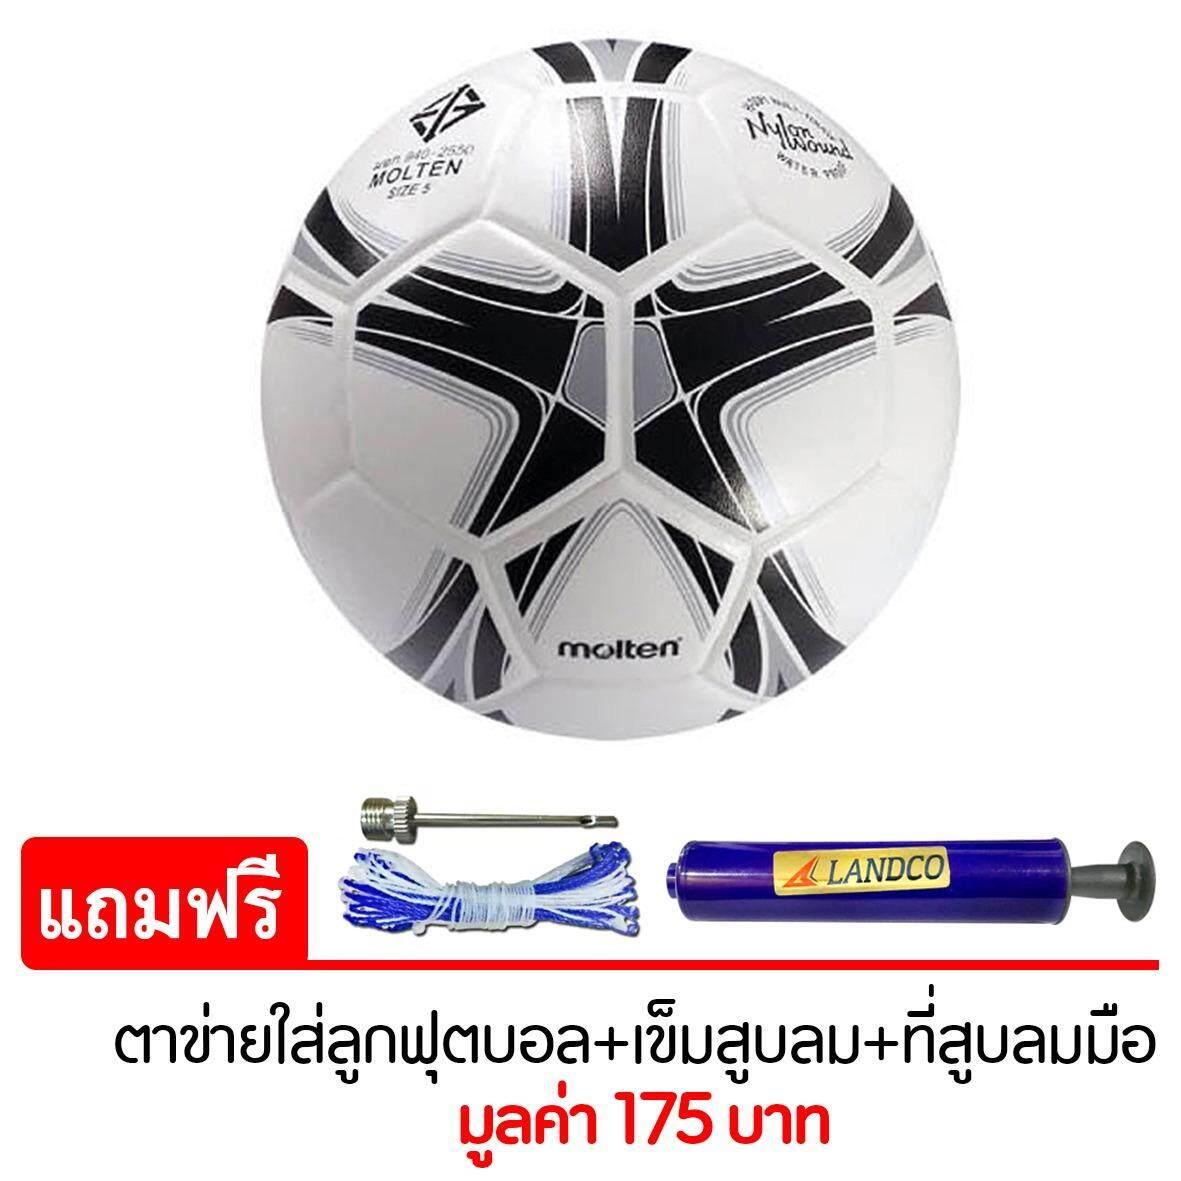 ส่วนลด Molten ฟุตบอลFootball Mot Pvc F5Y1505 Wk เบอร์5 แถมฟรี ตาข่ายใส่ลูกฟุตบอล เข็มสูบสูบลม สูบมือ Spl รุ่น Sl6 สีน้ำเงิน Molten